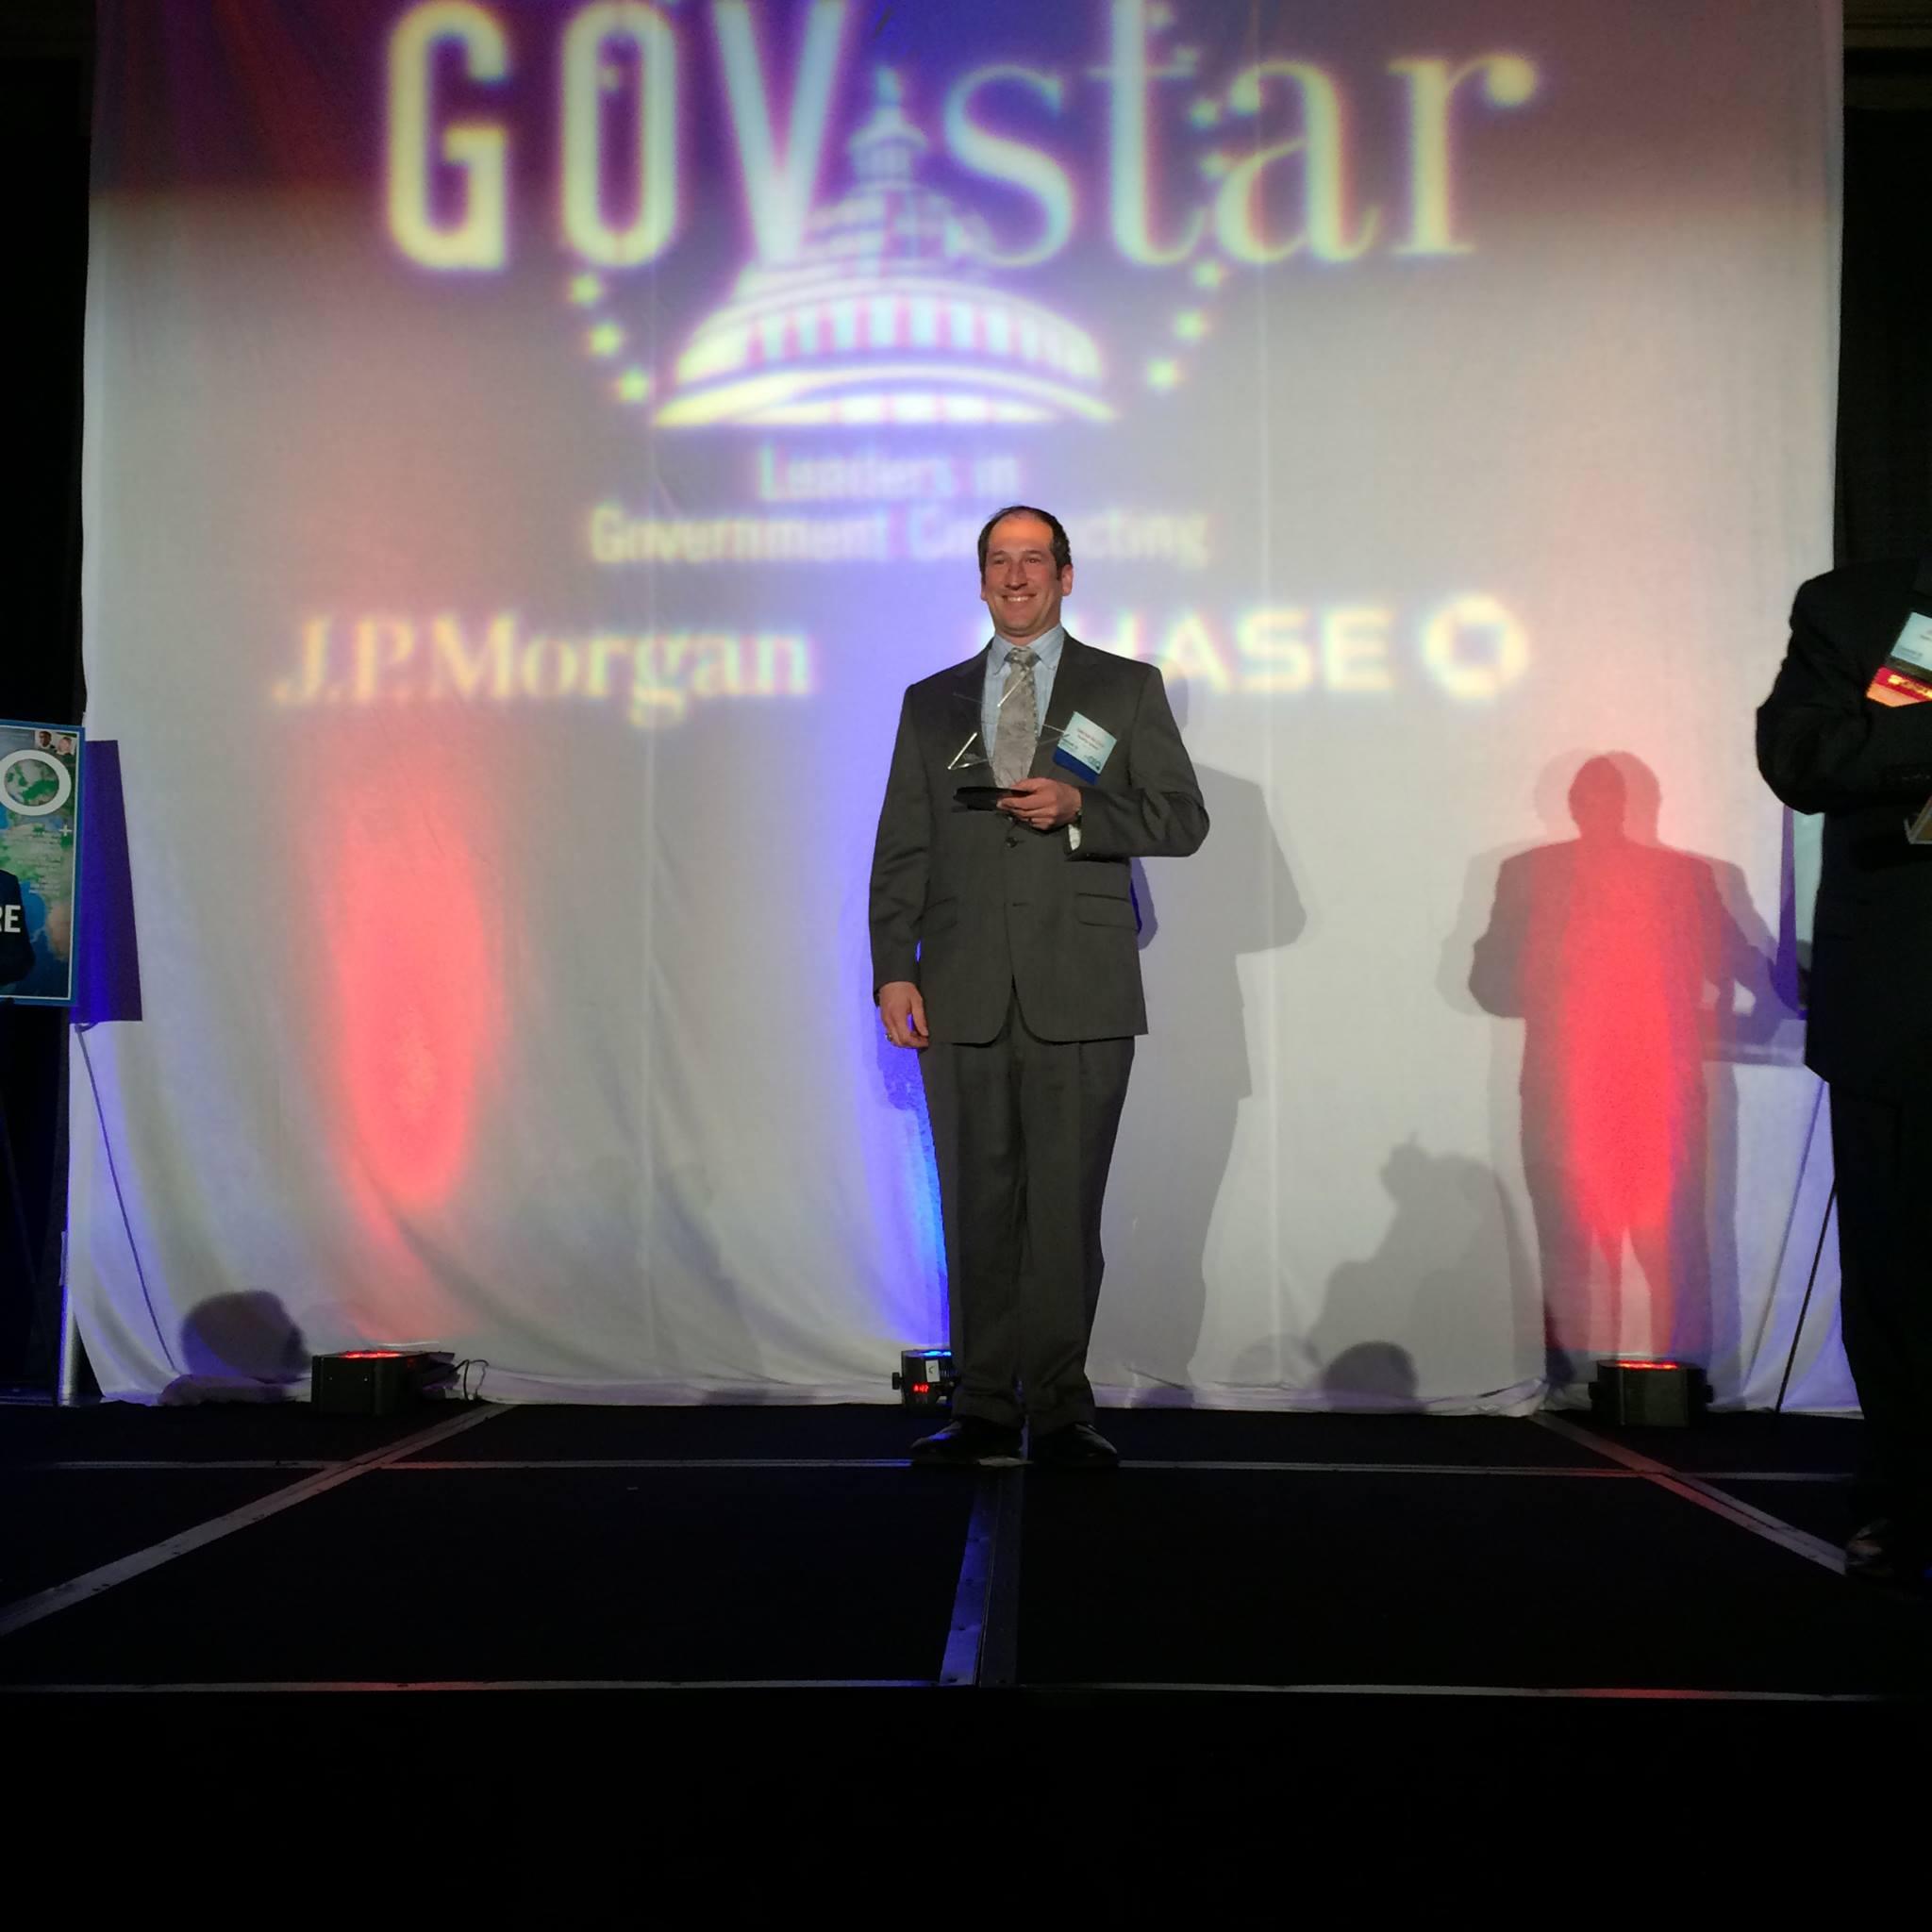 GovStar - JH